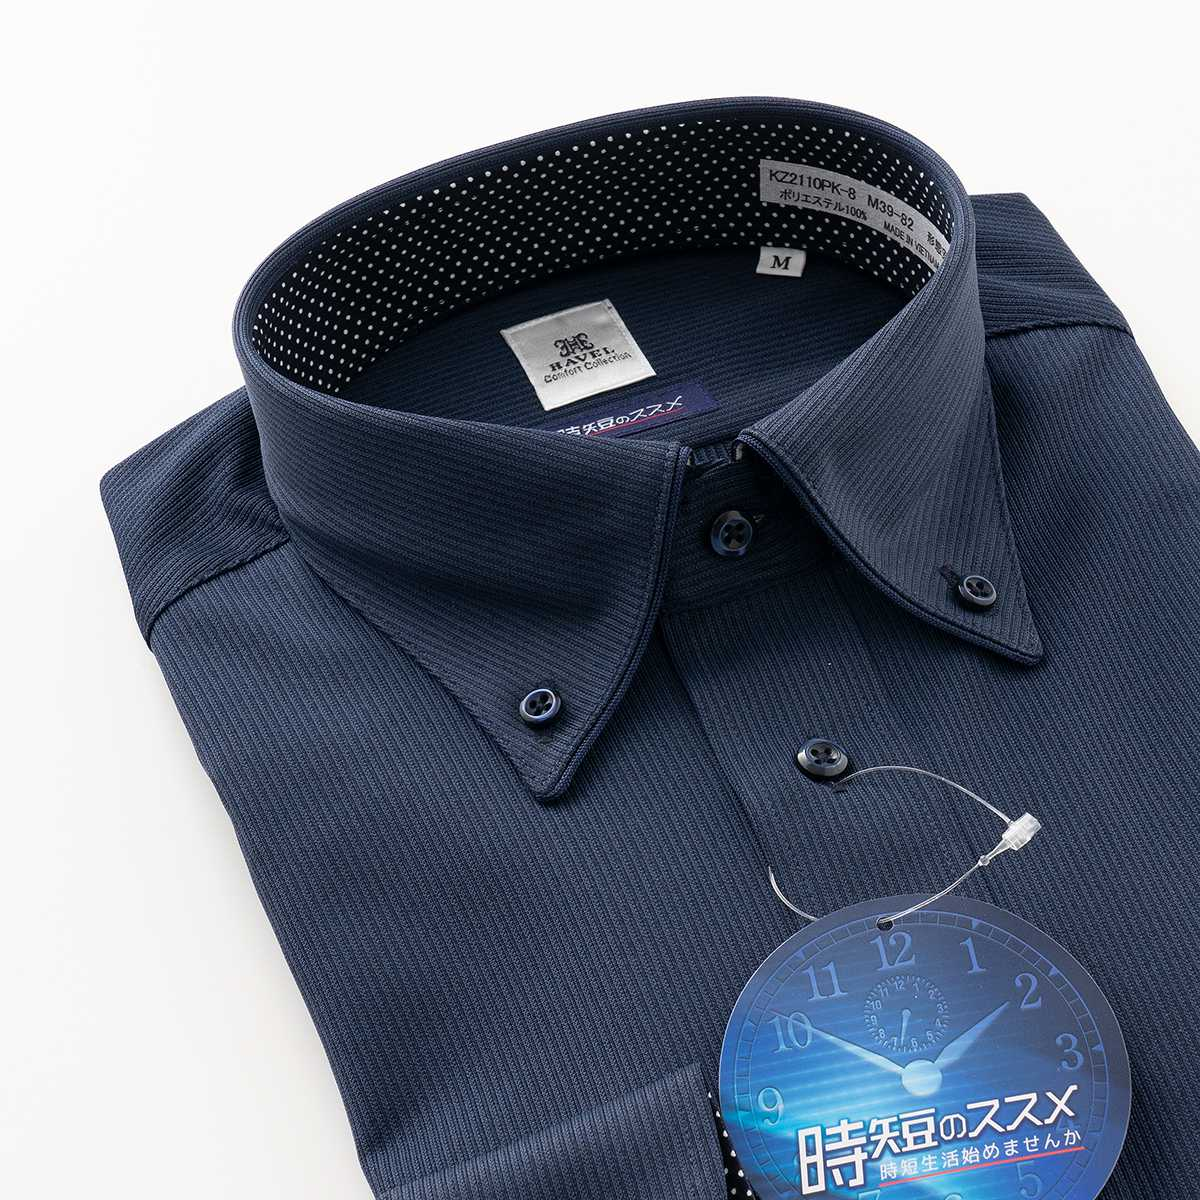 プルオーバーニットシャツ・吸水速乾・形態安定 バイピングボタンダウン ワイシャツ 長袖 【HAVEL Comfort Collection】